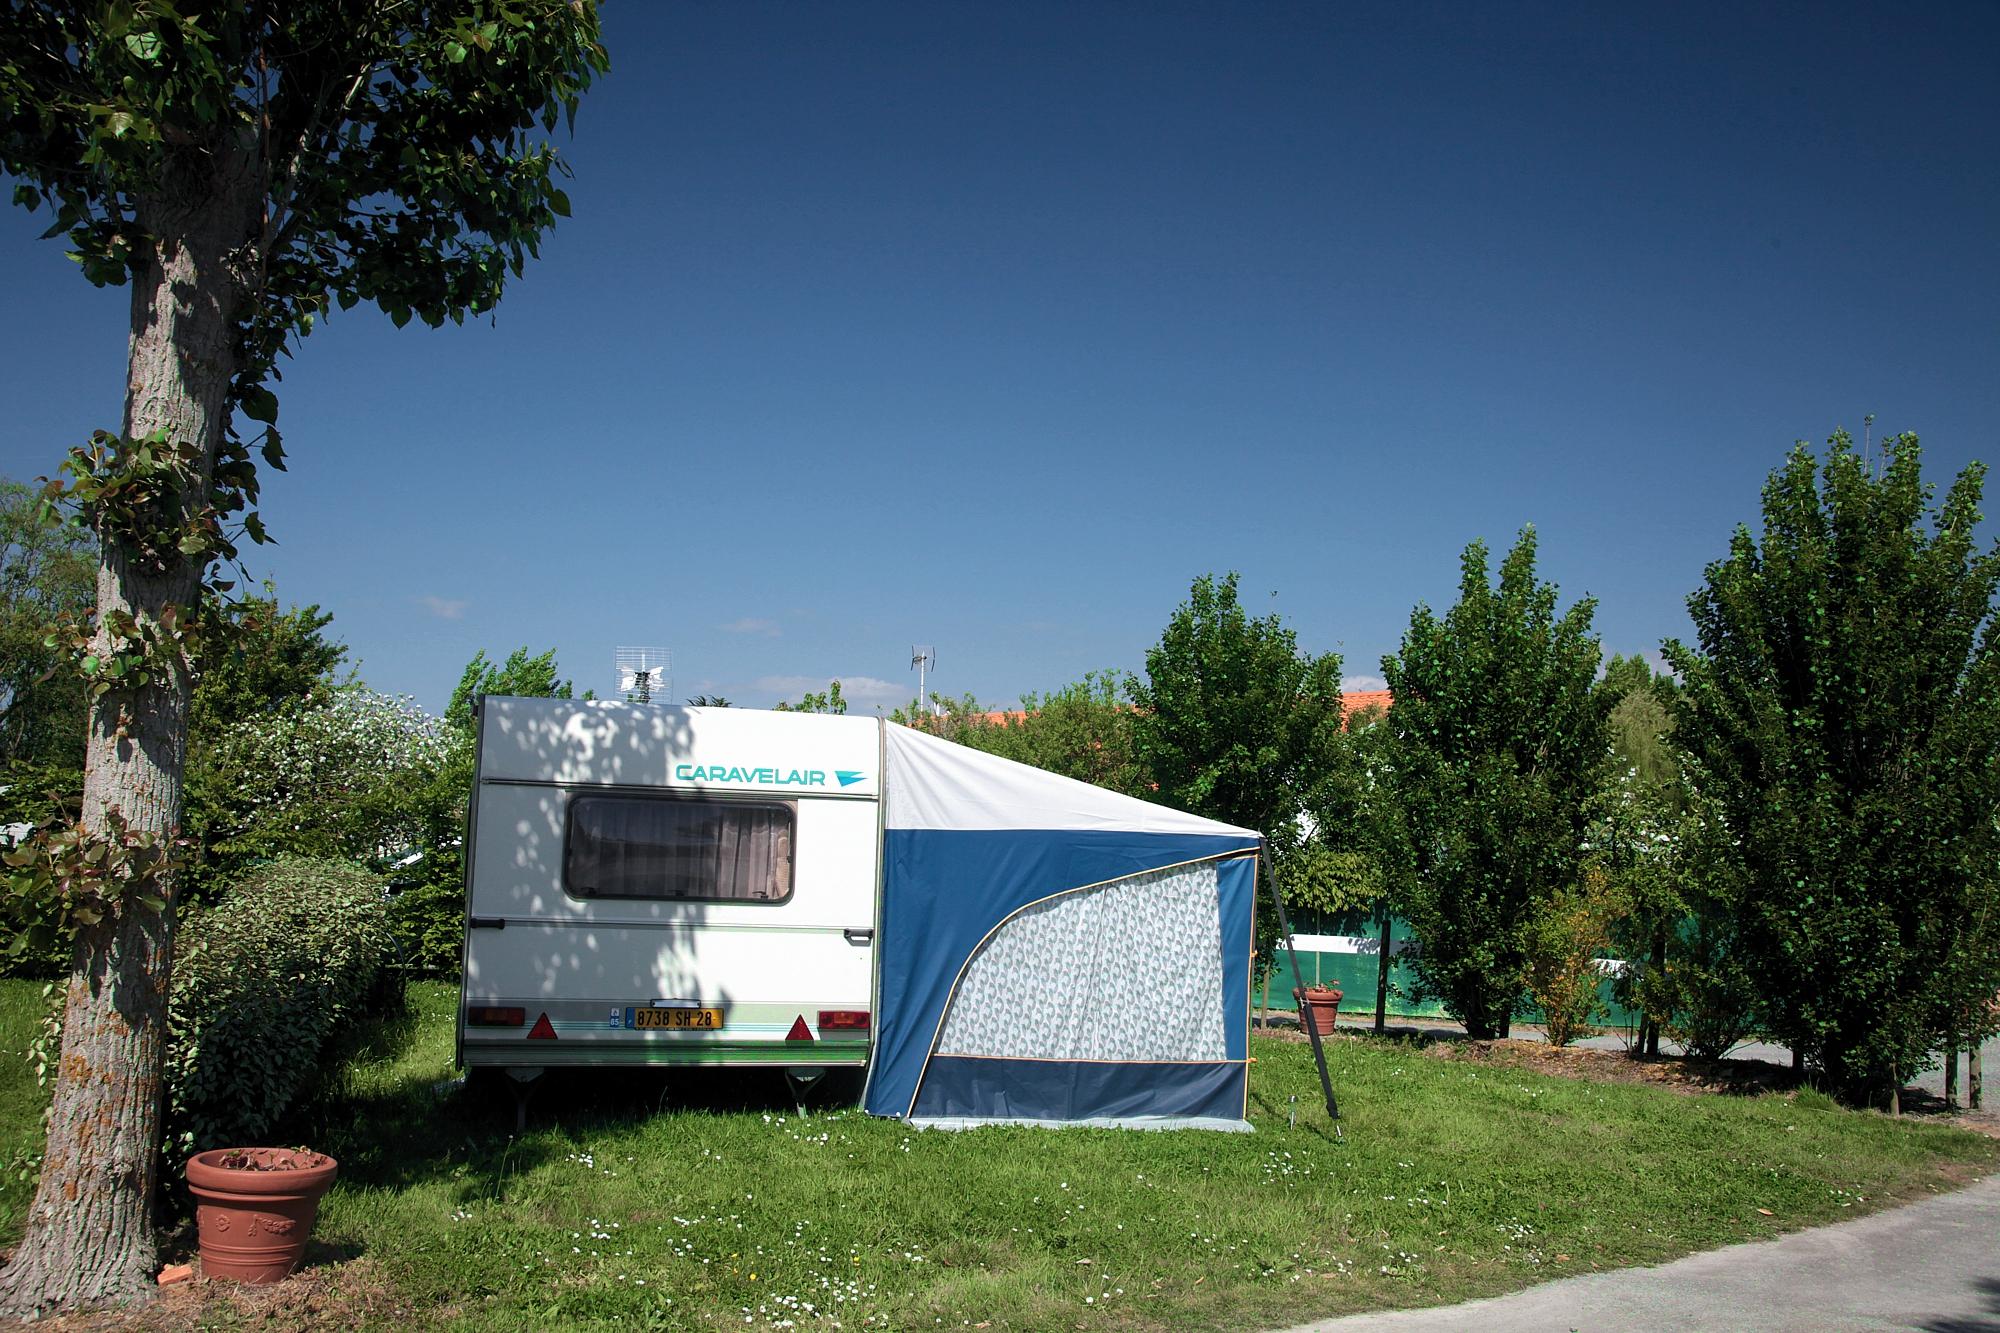 Location emplacement caravane camping saint gilles croix de vie